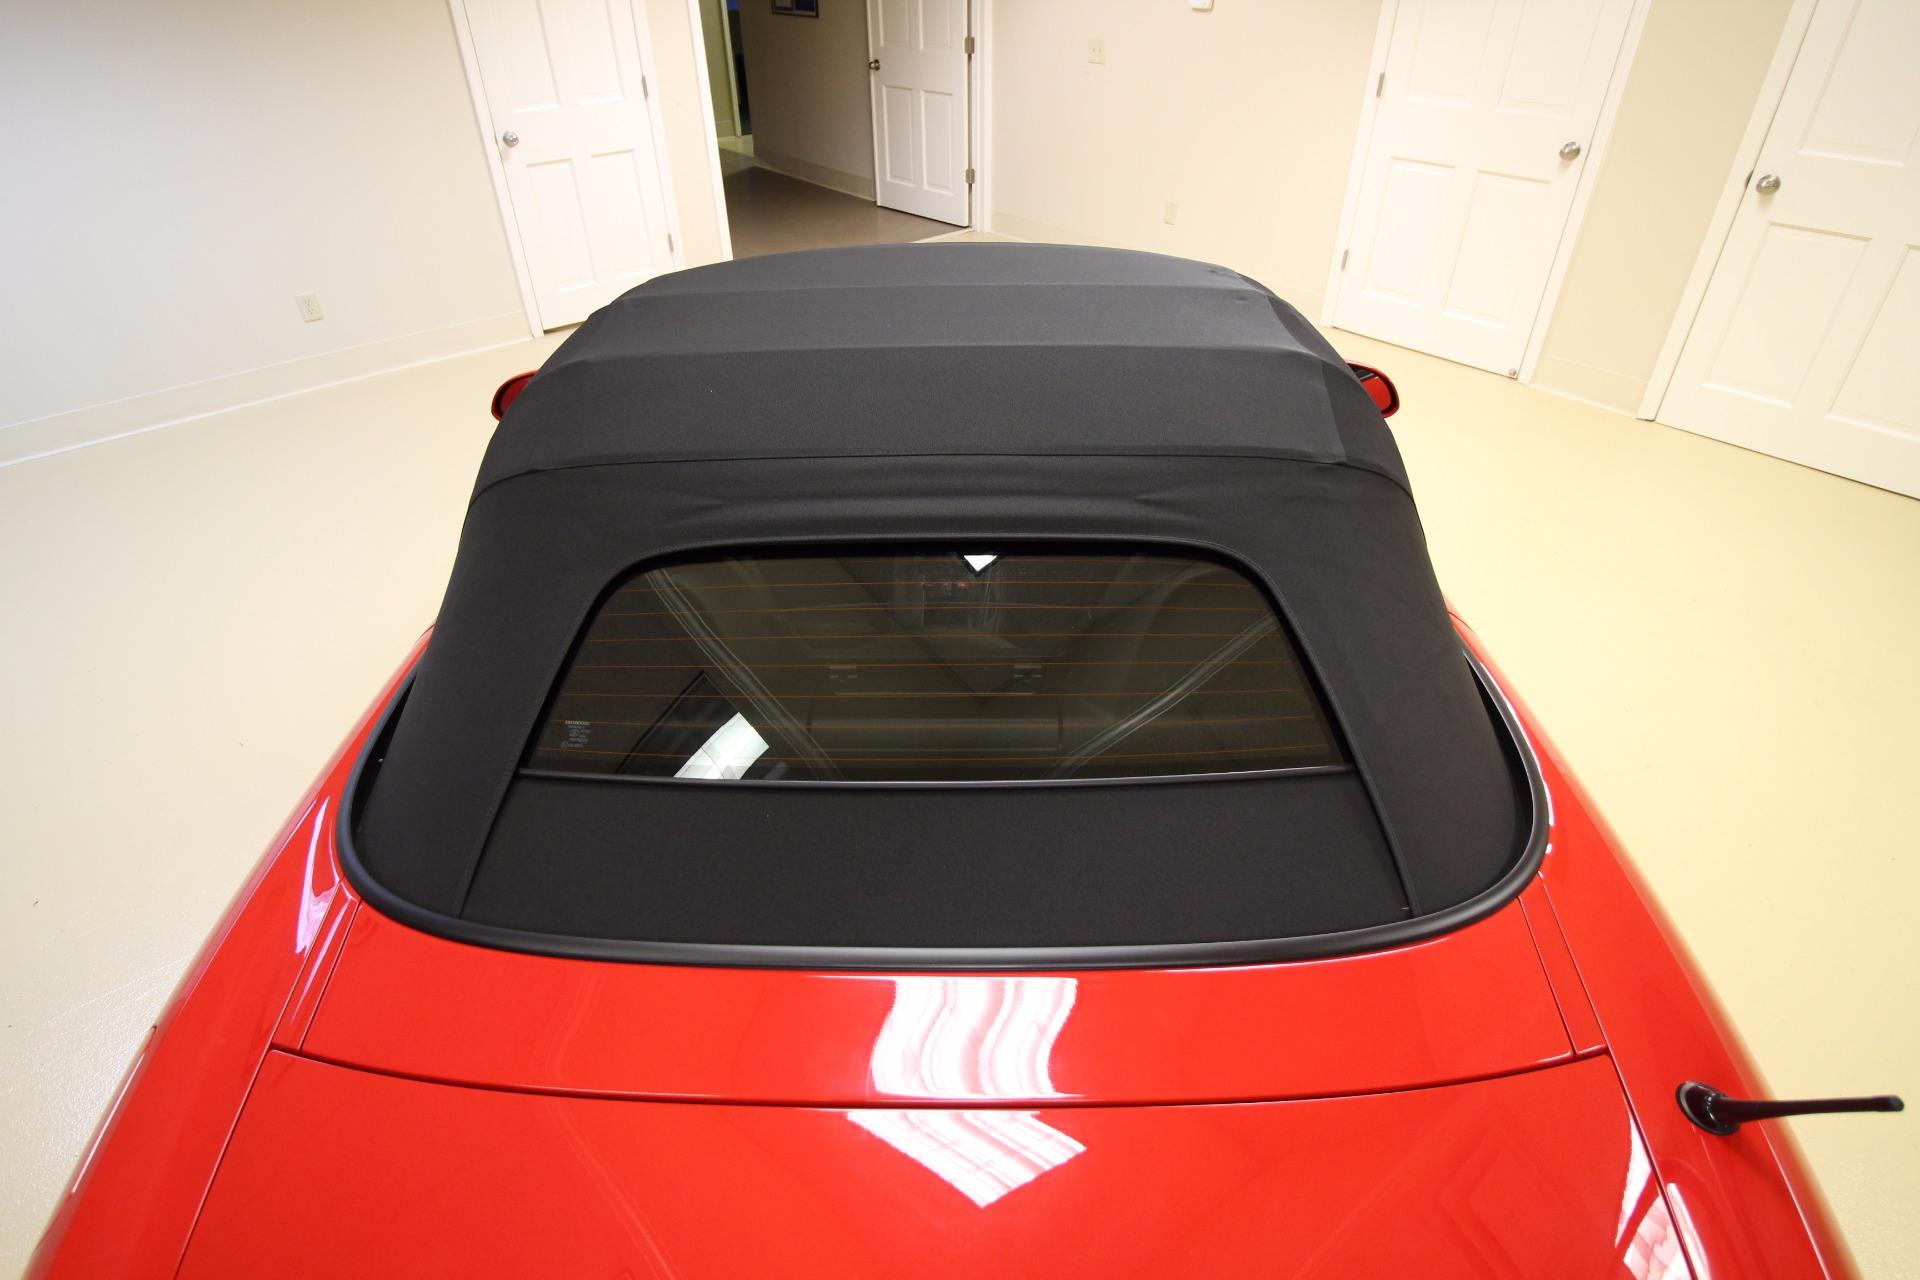 2007 honda s2000 roadster stock 17163 for sale near for Honda dealership albany ny